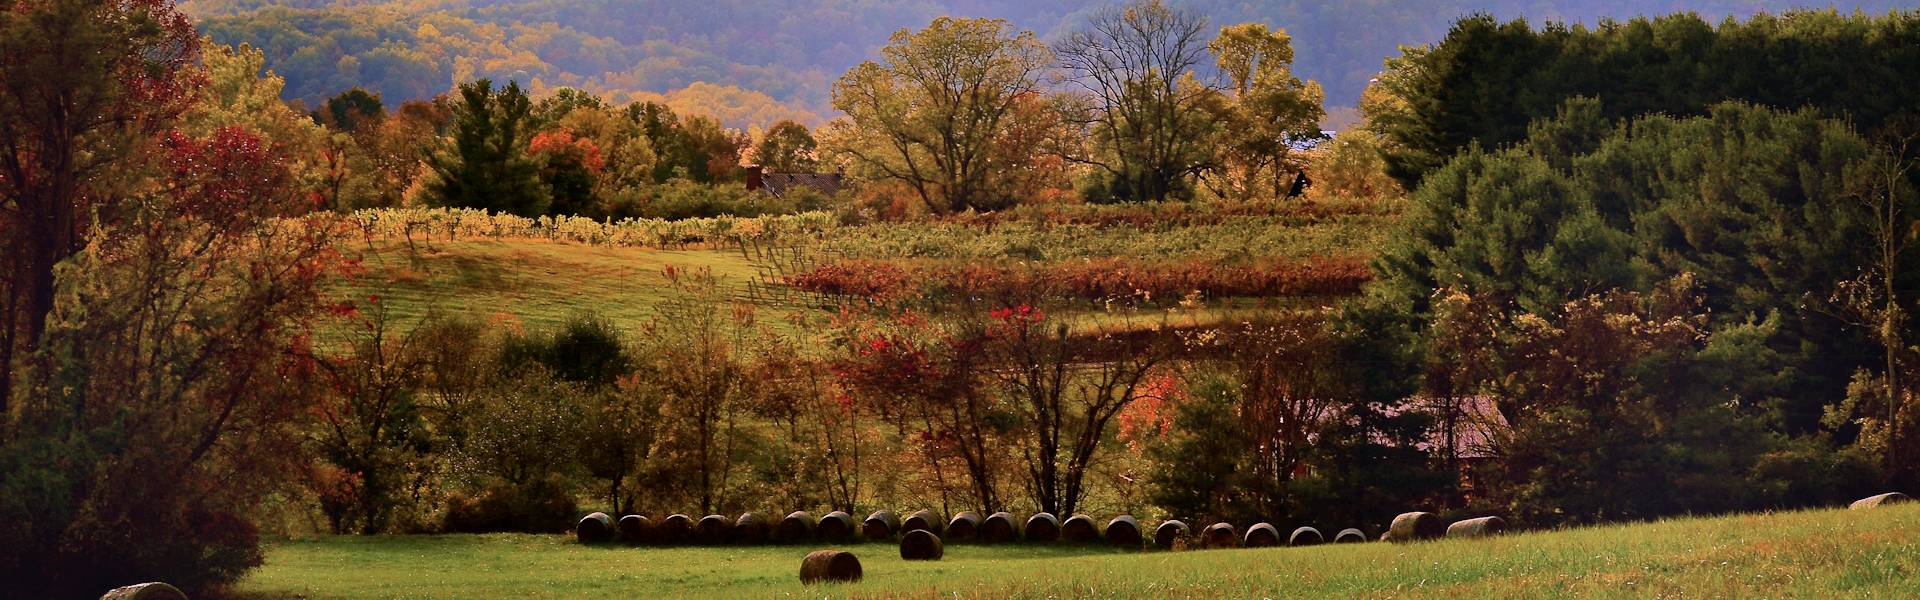 hay bales vineyard